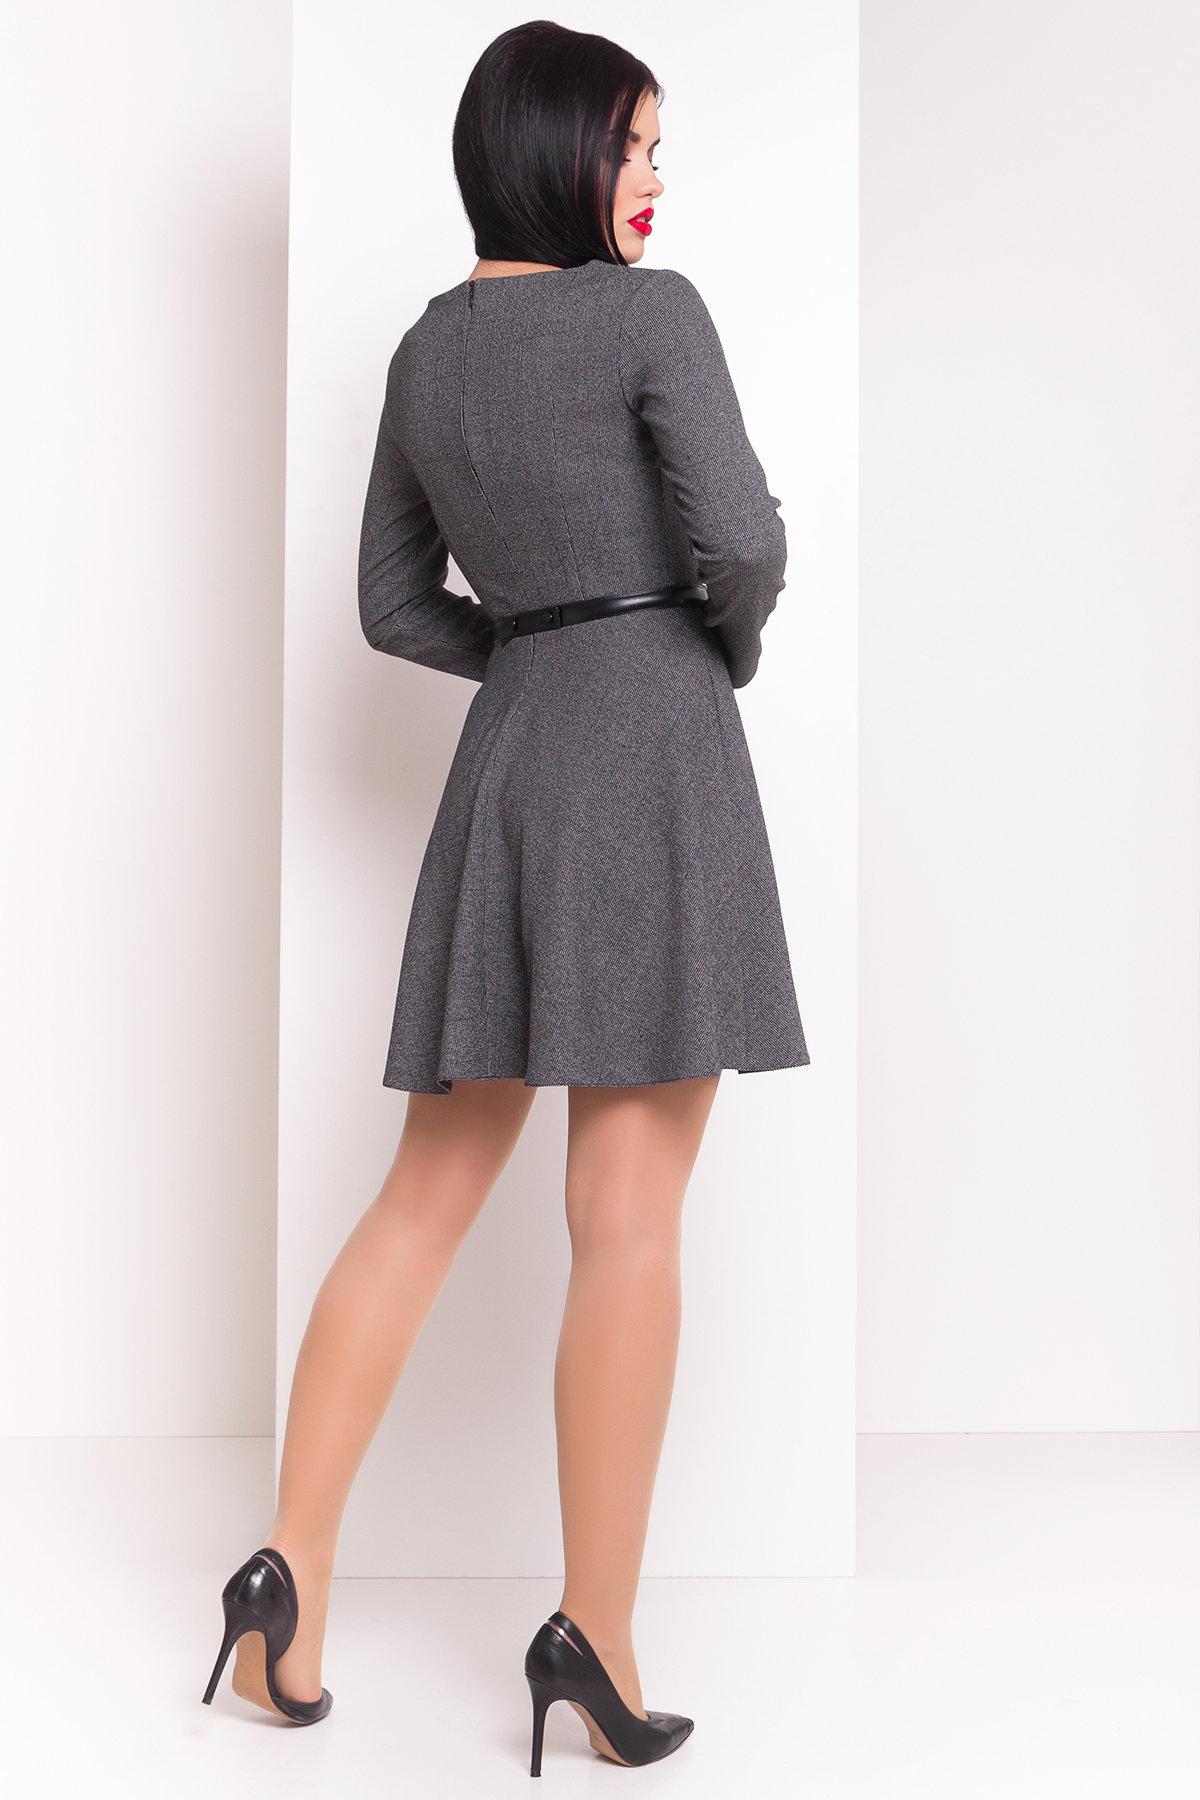 Платье Сафо 3693 АРТ. 19226 Цвет: Черный/серый - фото 2, интернет магазин tm-modus.ru